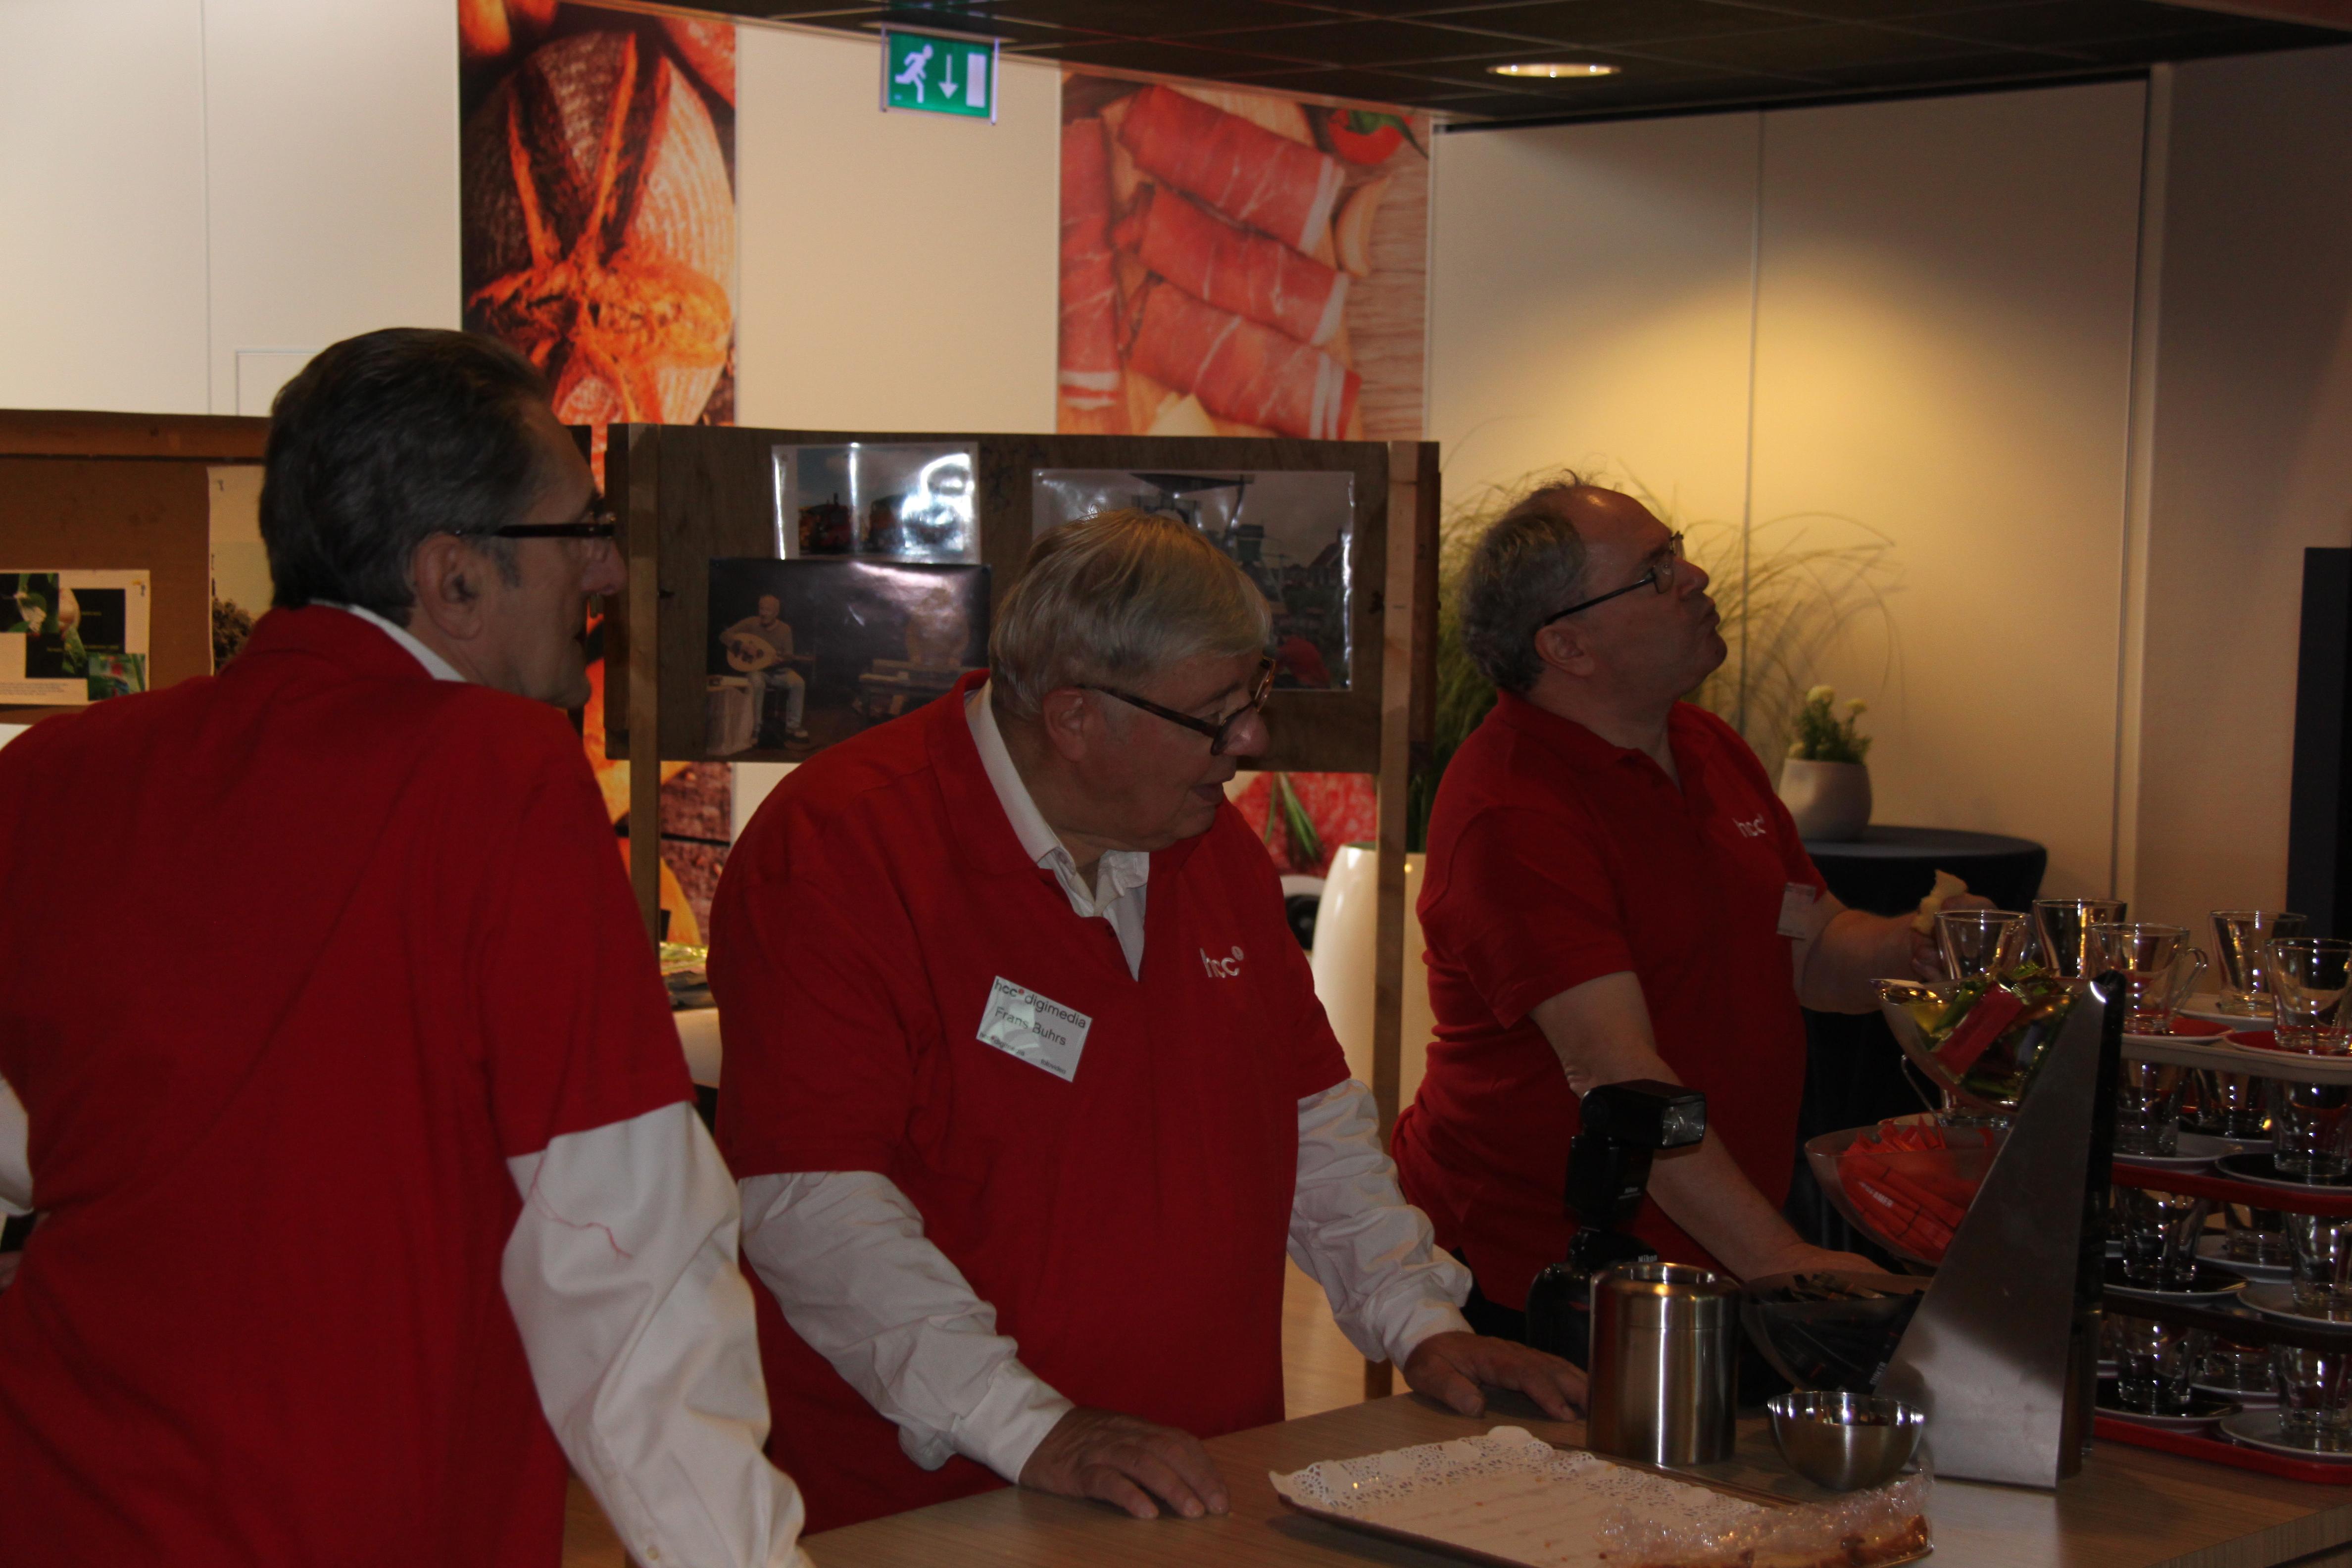 2018-10-20 - 17 - HCC!fotovideo event - dok Zuid - Apeldoorn